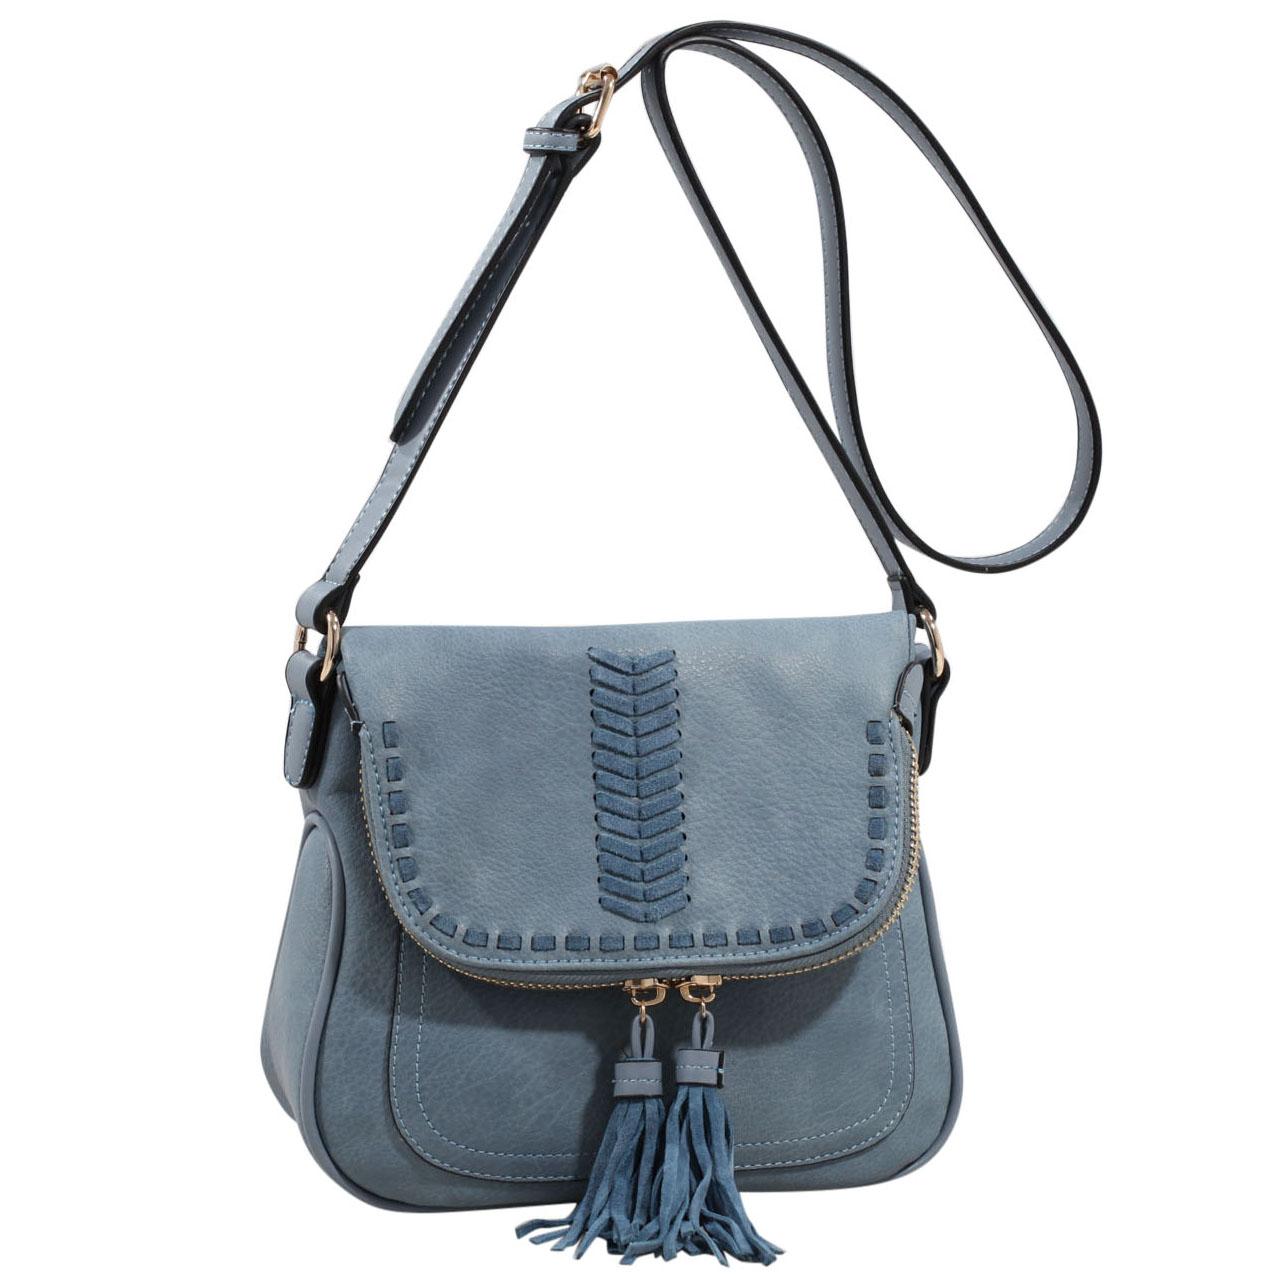 MKF Collection Soho New York Saddle Bag